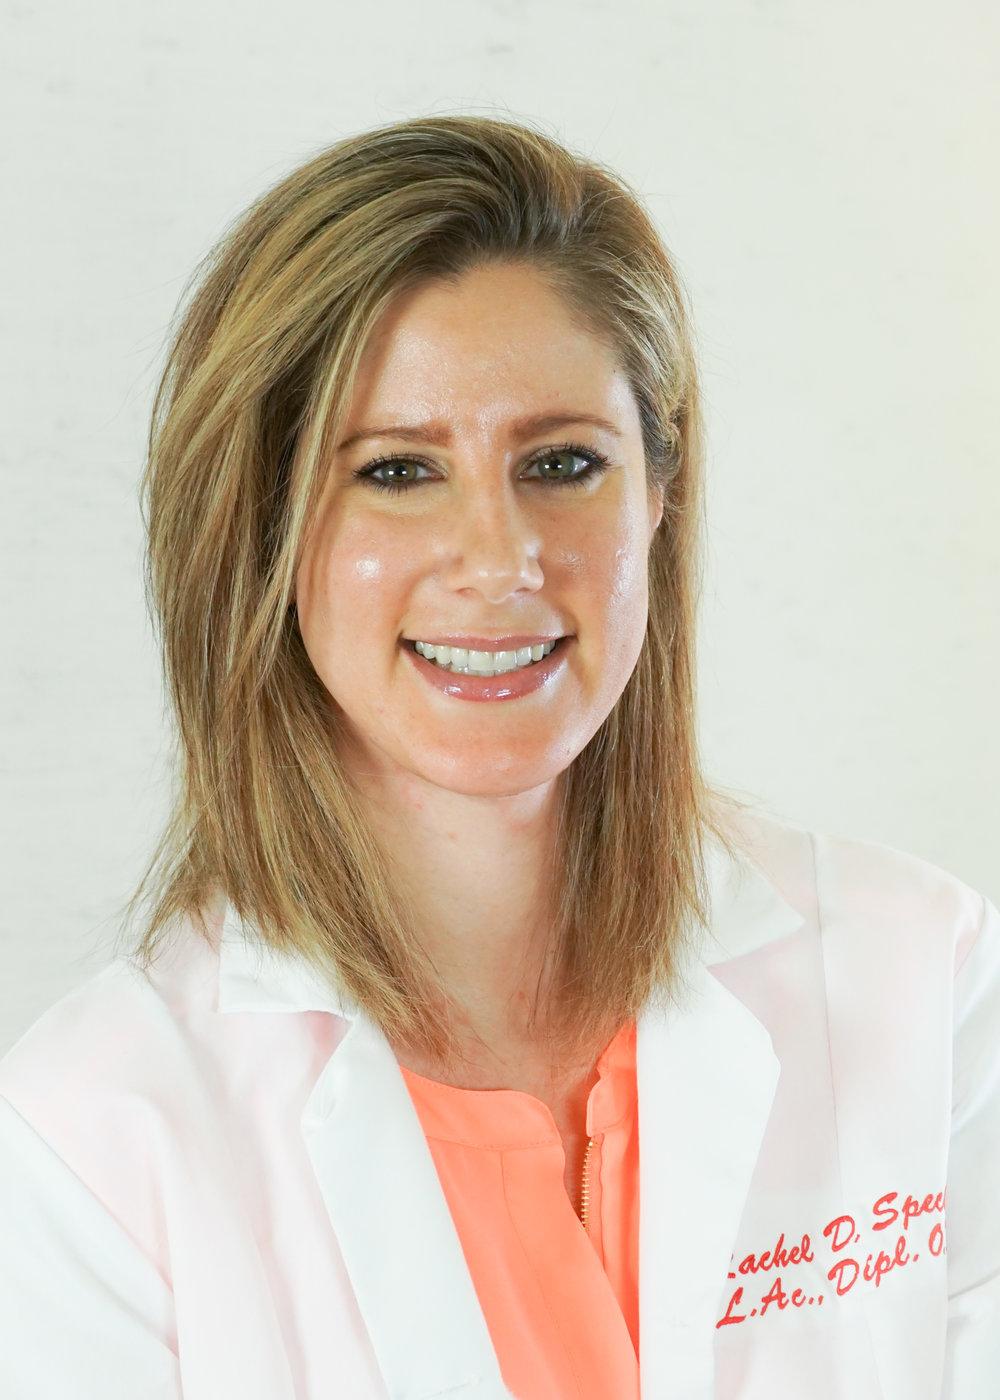 Rachel Specht